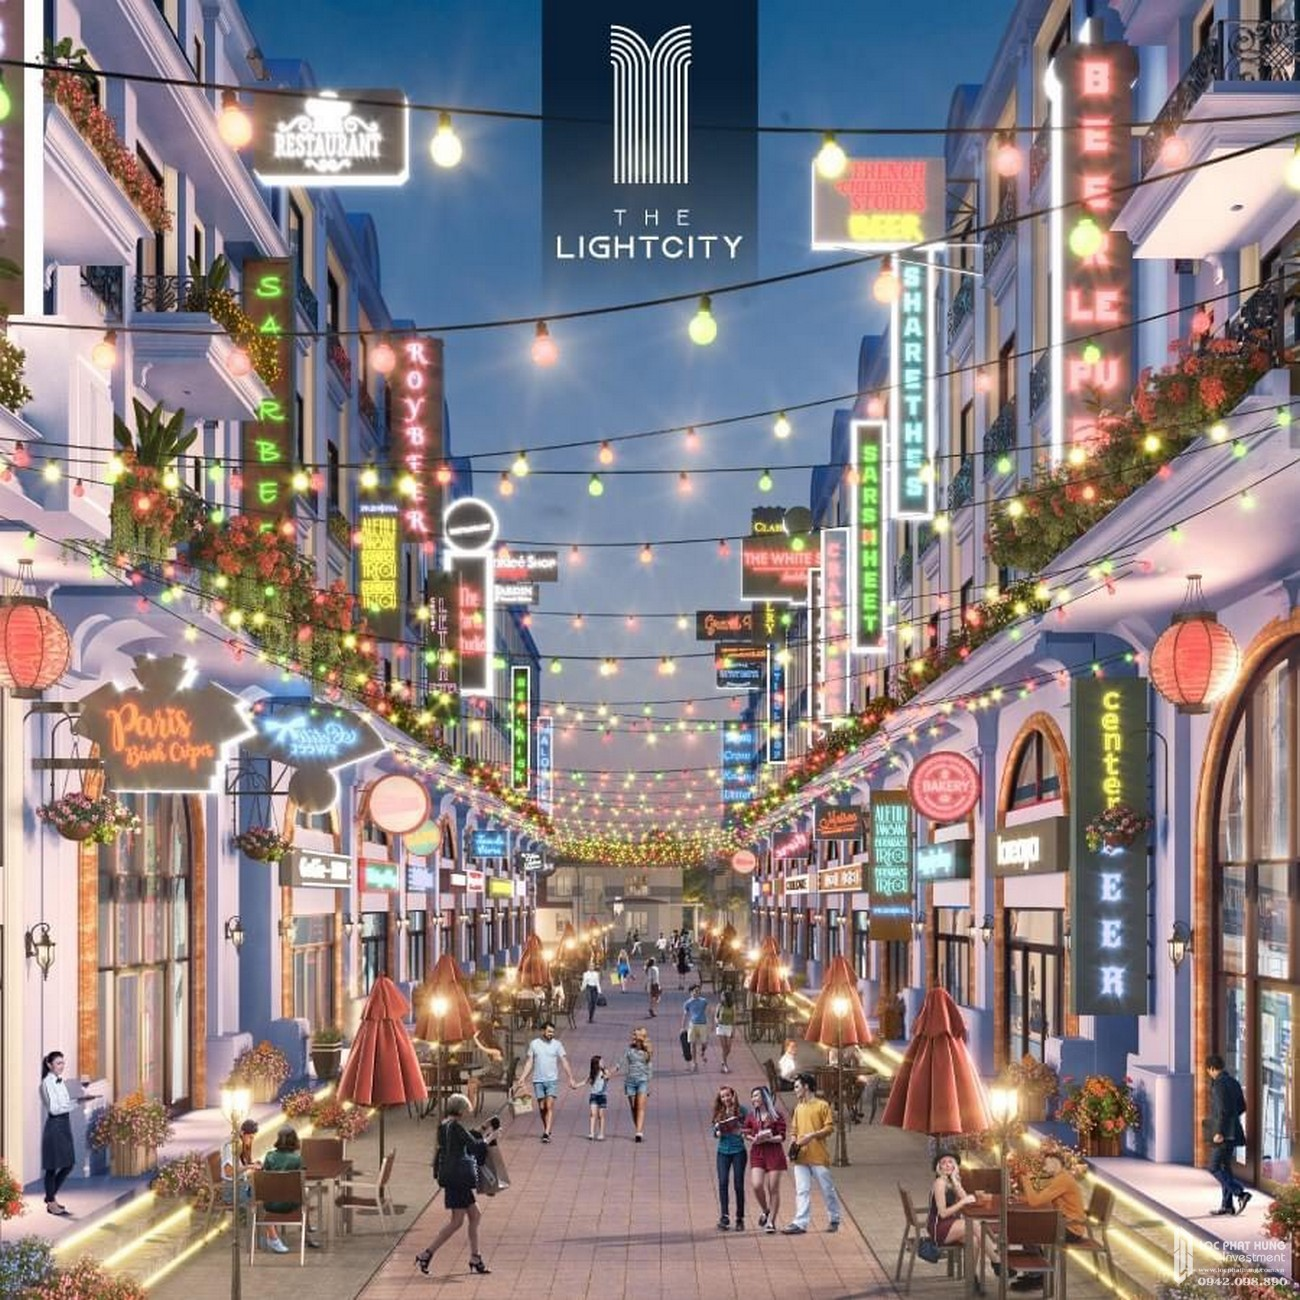 Đại lộ ánh sáng sầm uất dự án The Light City Đồng Xoài chủ đầu tư Thành Phương